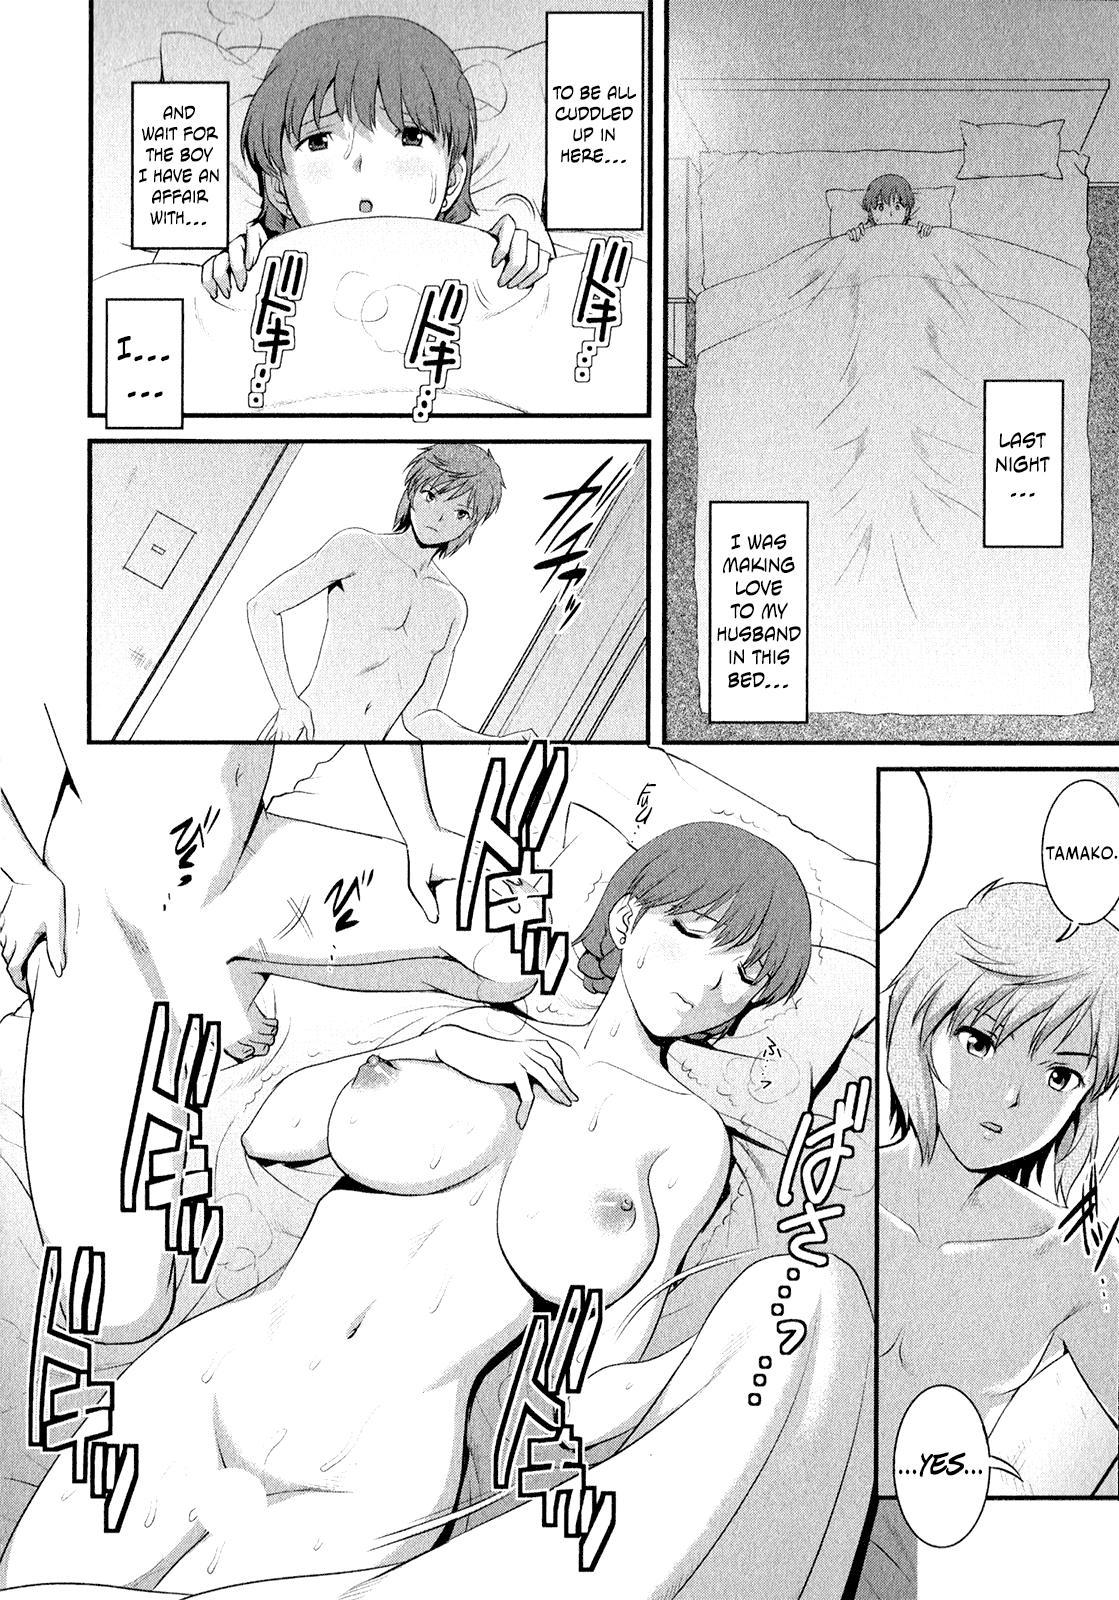 [Saigado] Hitozuma Audrey-san no Himitsu ~30-sai kara no Furyou Tsuma Kouza~ - Vol. 2 [English] {Hennojin} 124